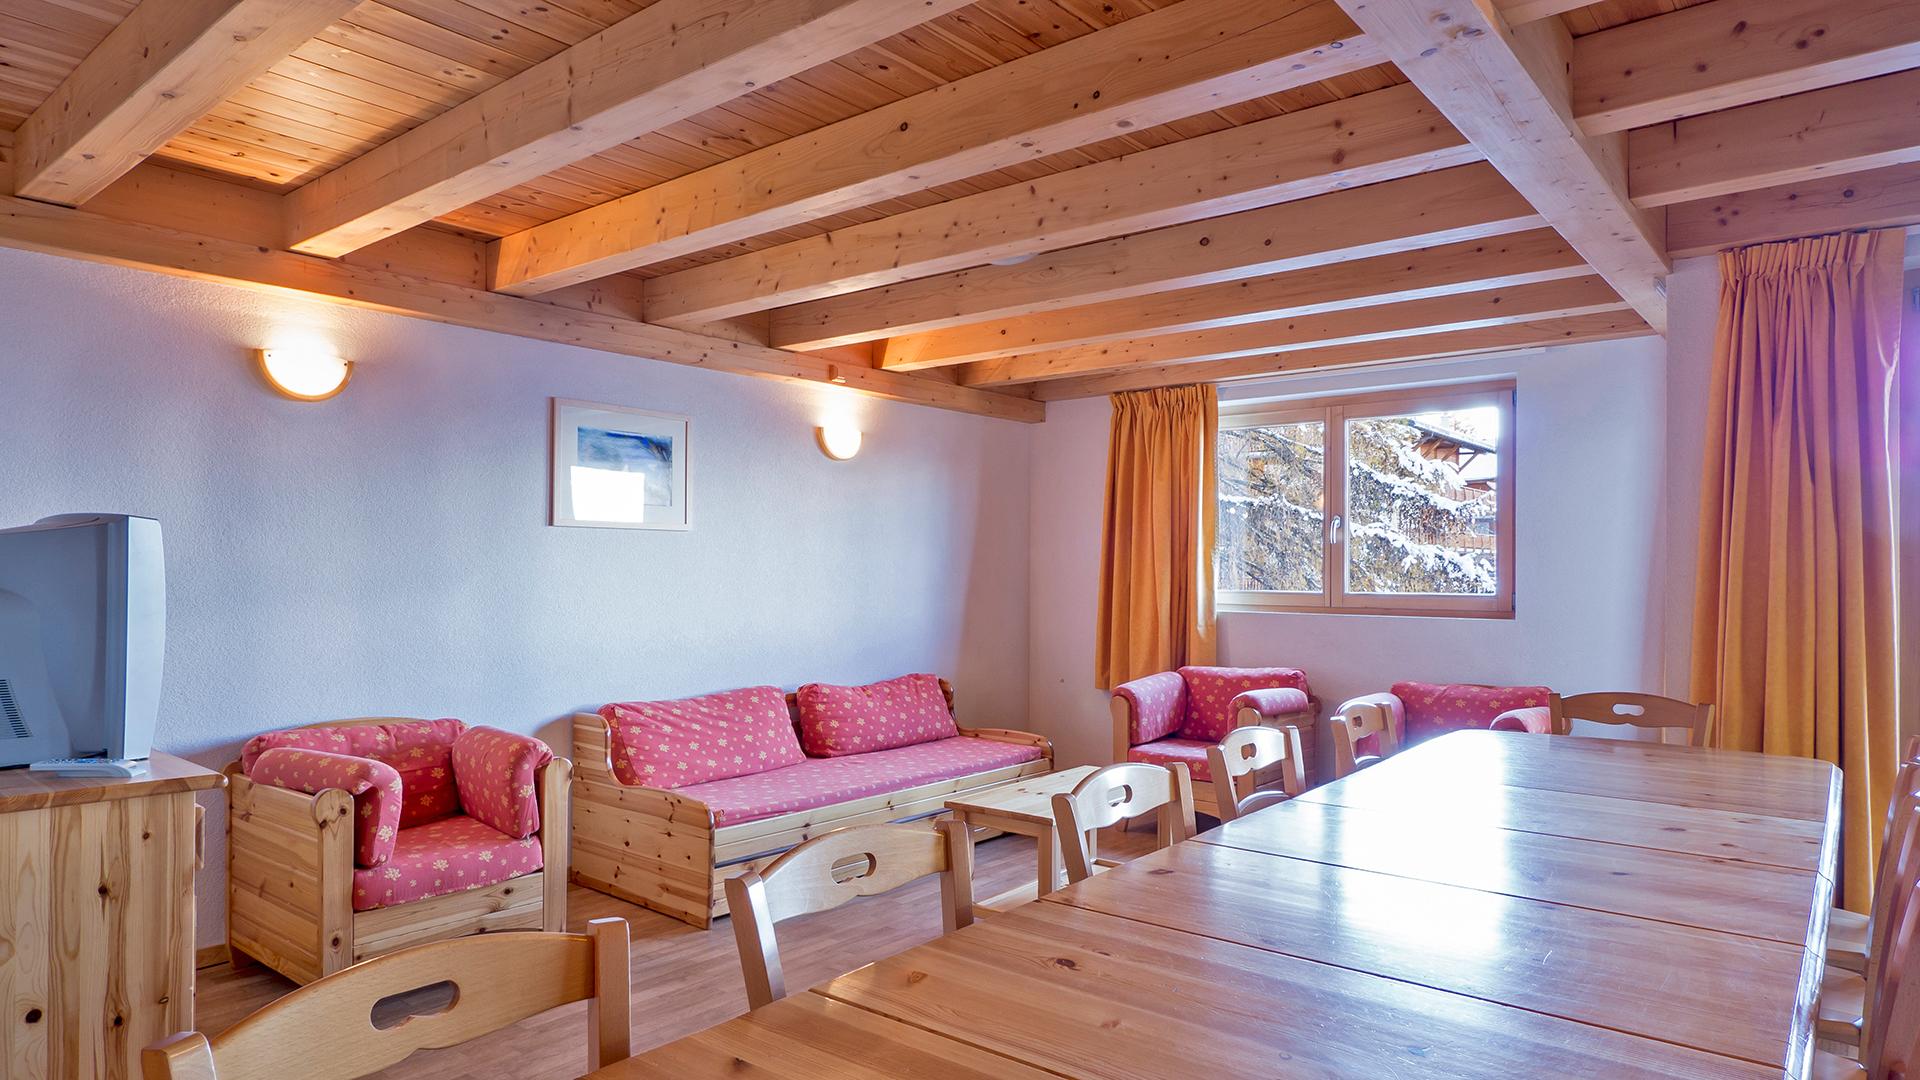 Pracondu II Apartments, Switzerland